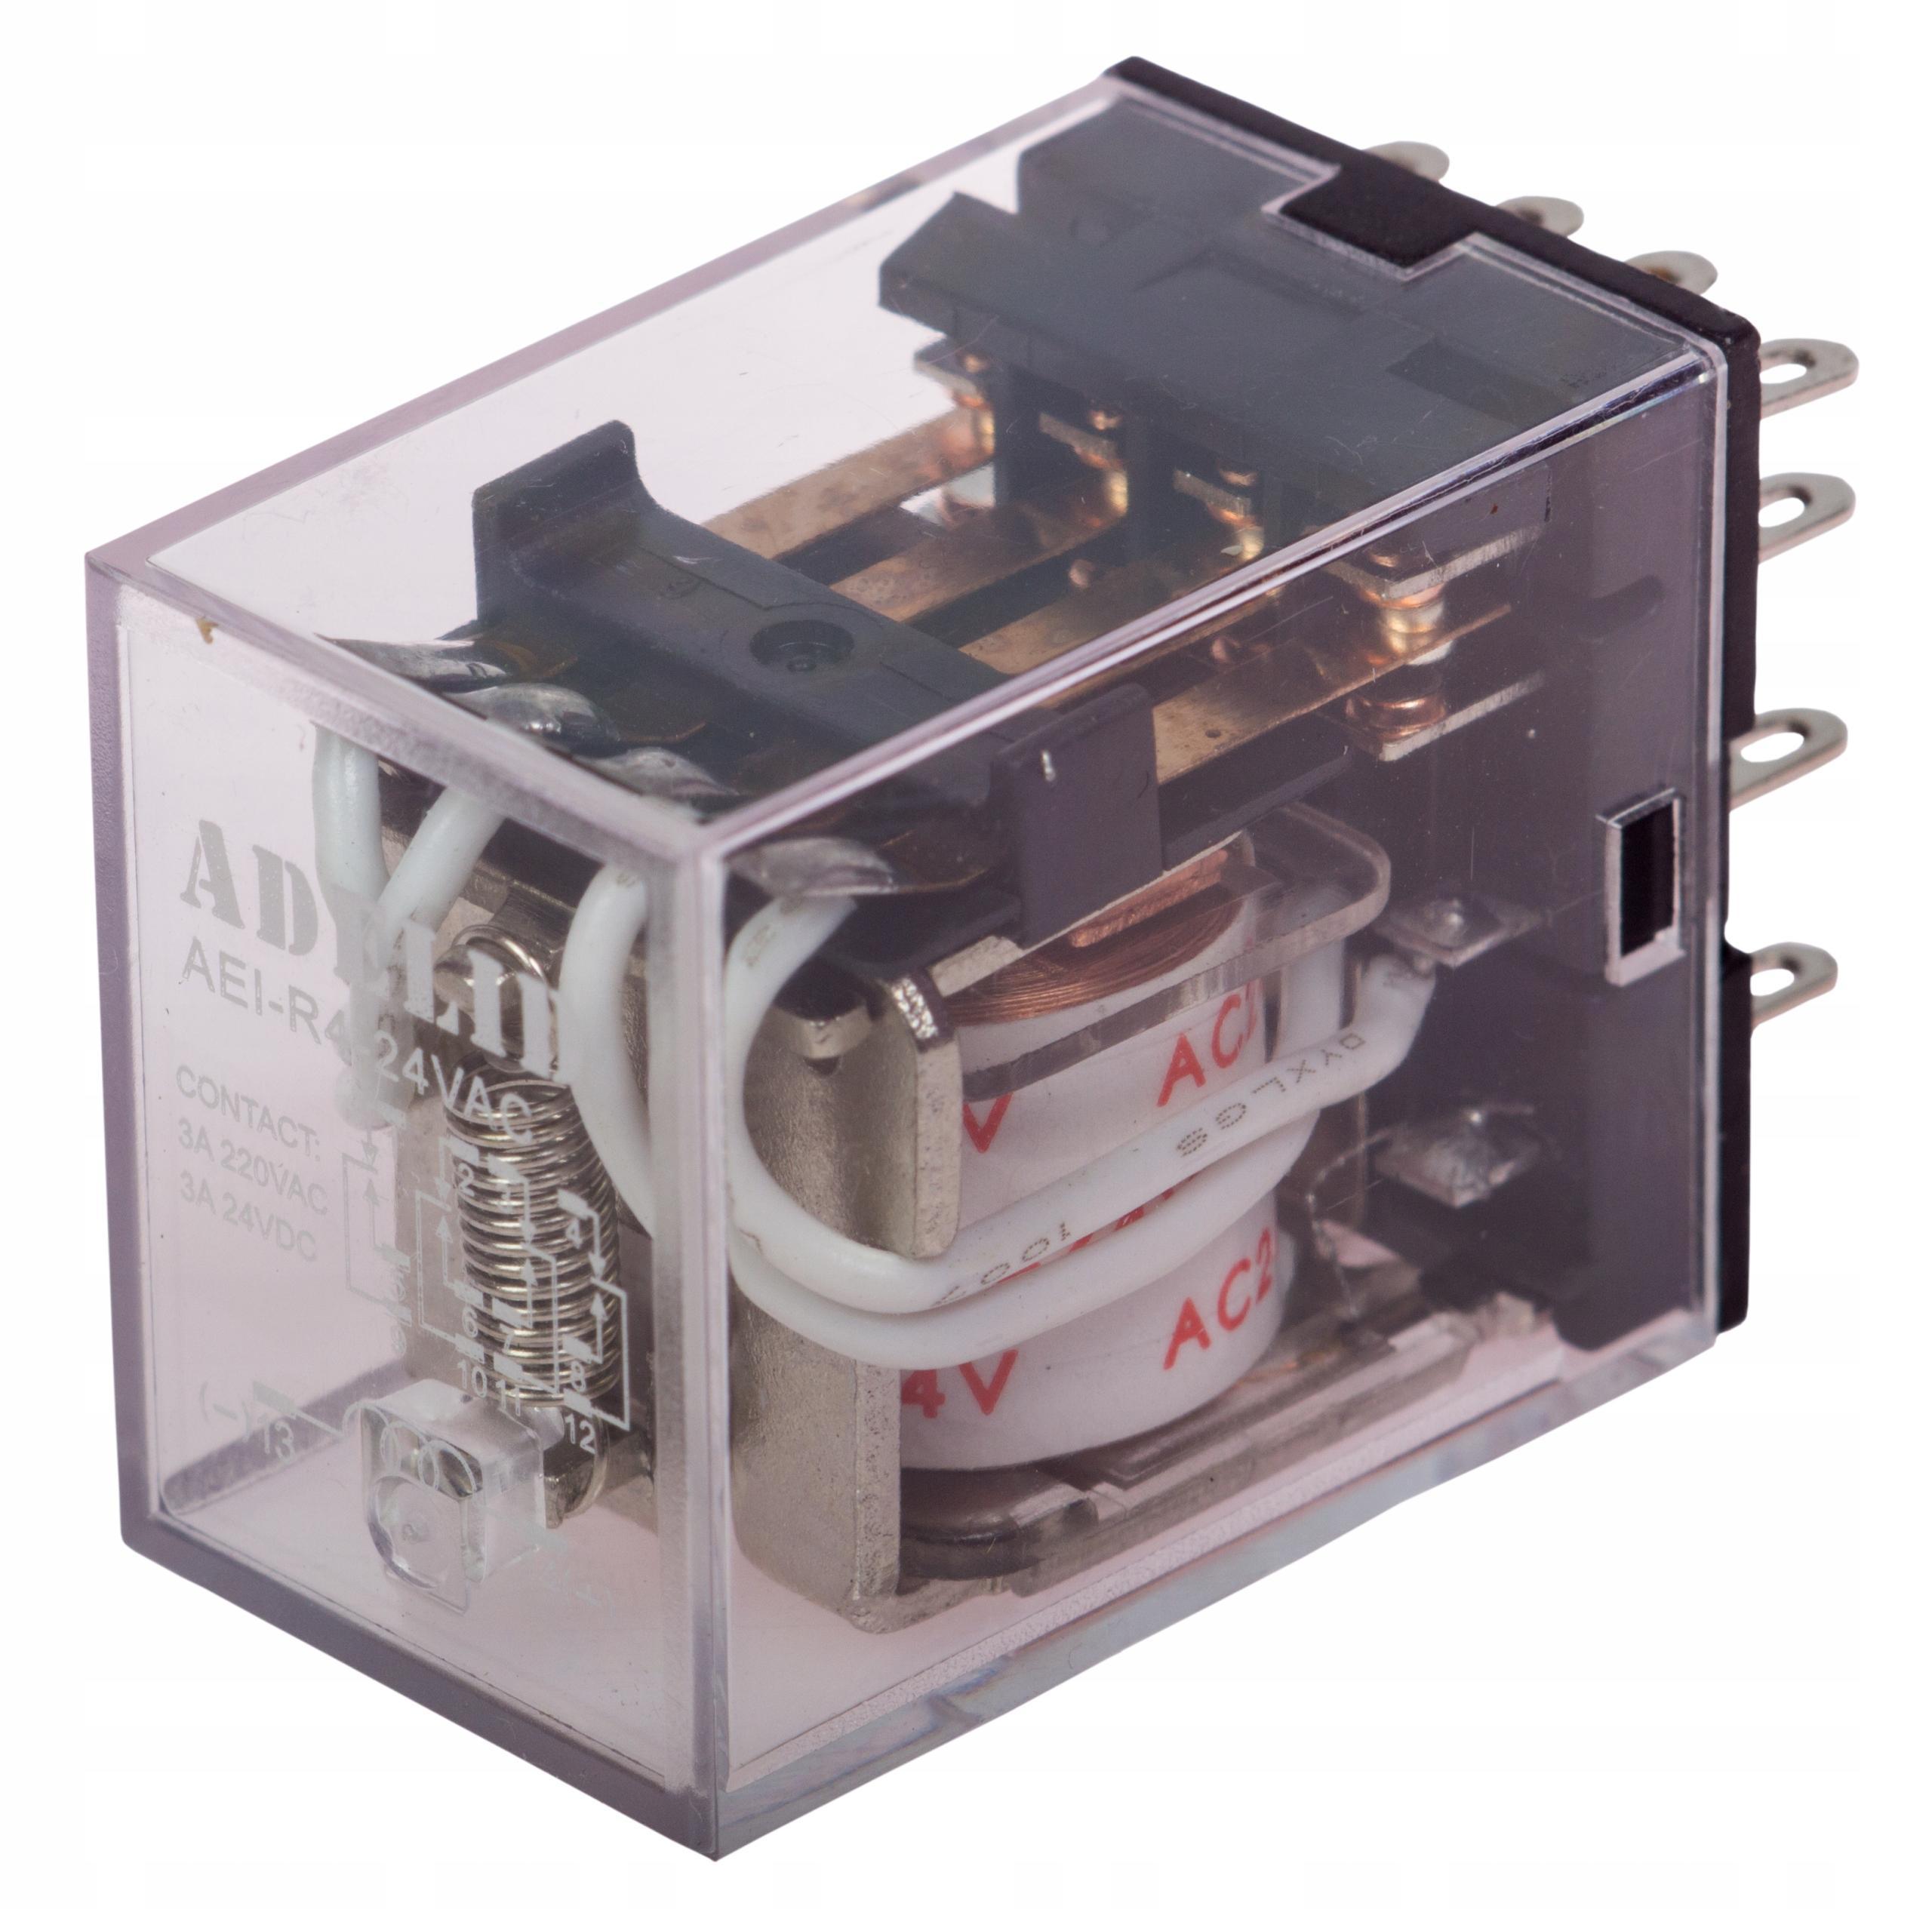 Priemyselná relé R4 Coil 24V AC premenná